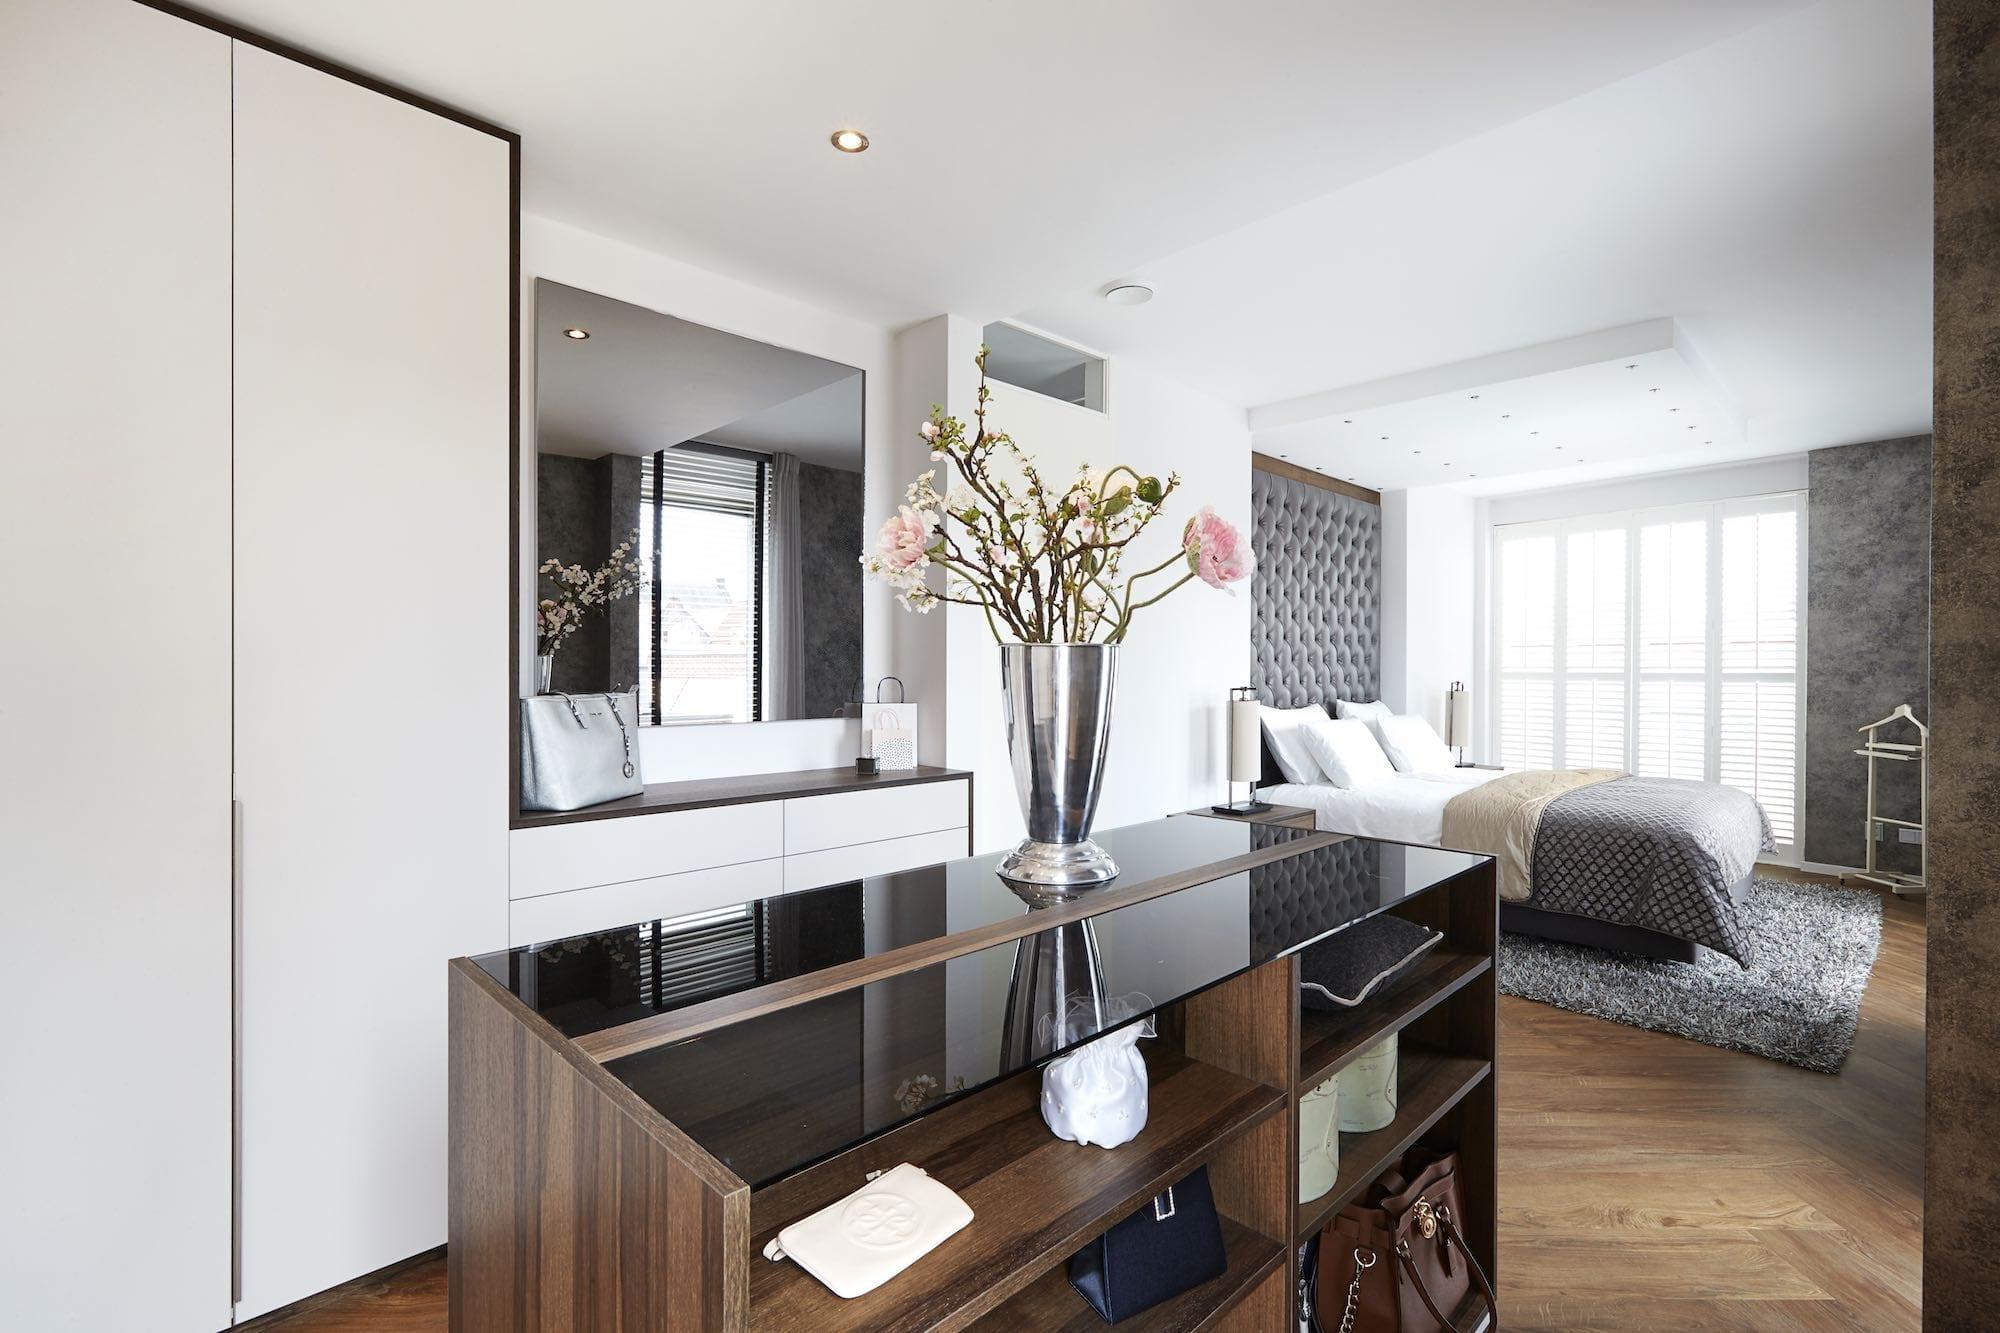 luxe-hotel-slaapkamer-noten